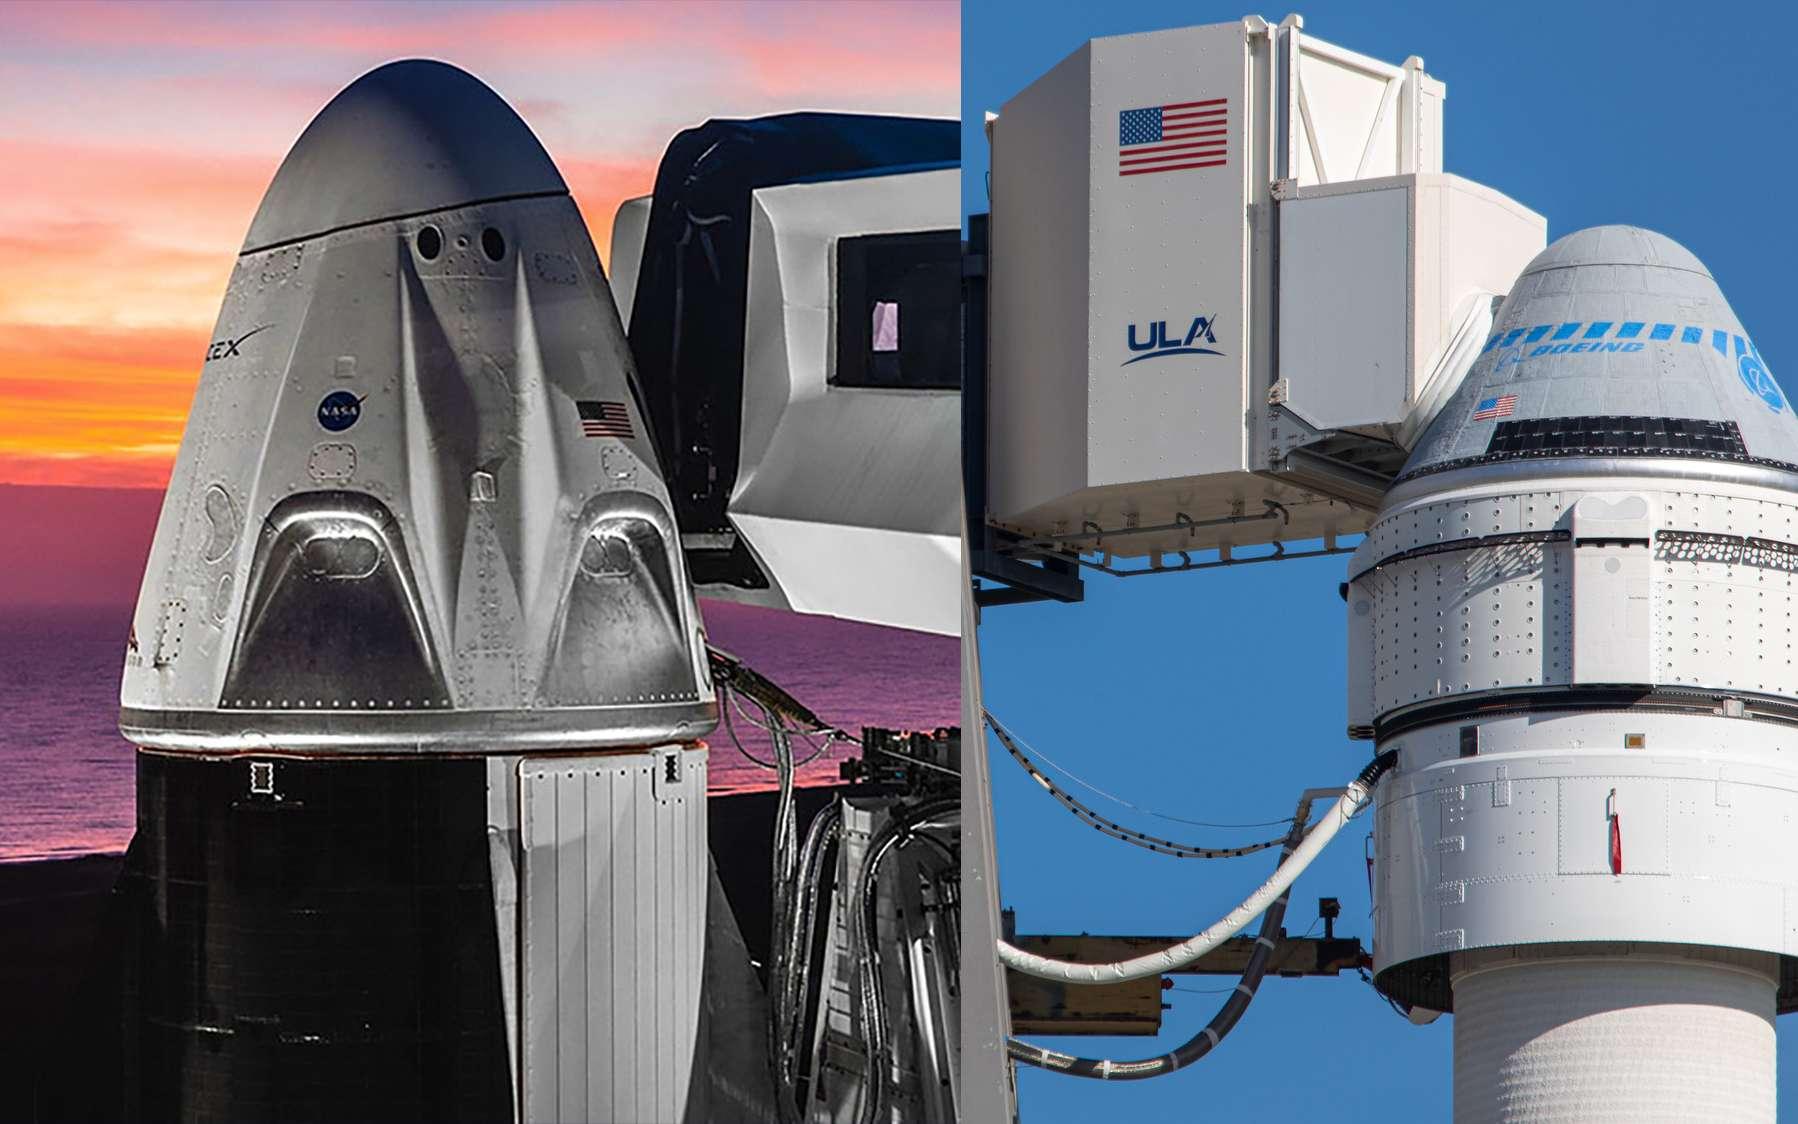 Les capsules Crew Dragon et Starliner, avec les passerelles qui permettront aux astronautes d'embarquer à l'intérieur. © Nasa, Boeing, SpaceX